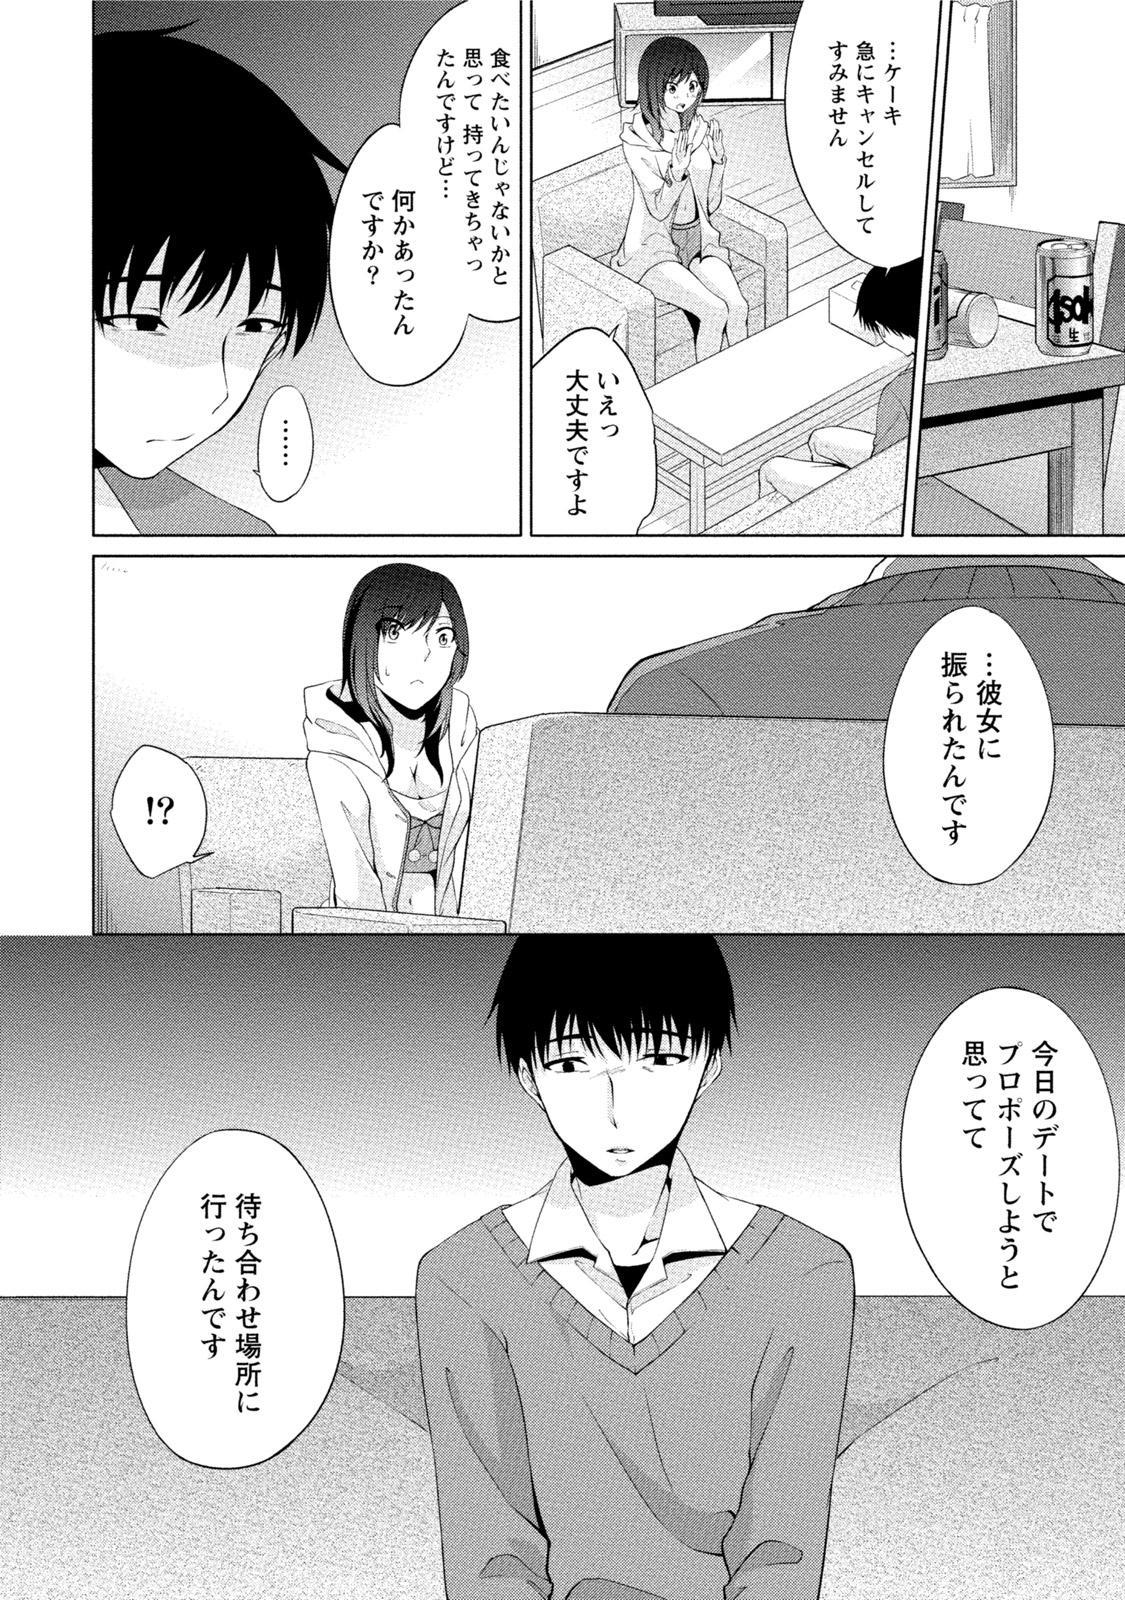 Ecchi na Watashi ja Dame desu ka? 70